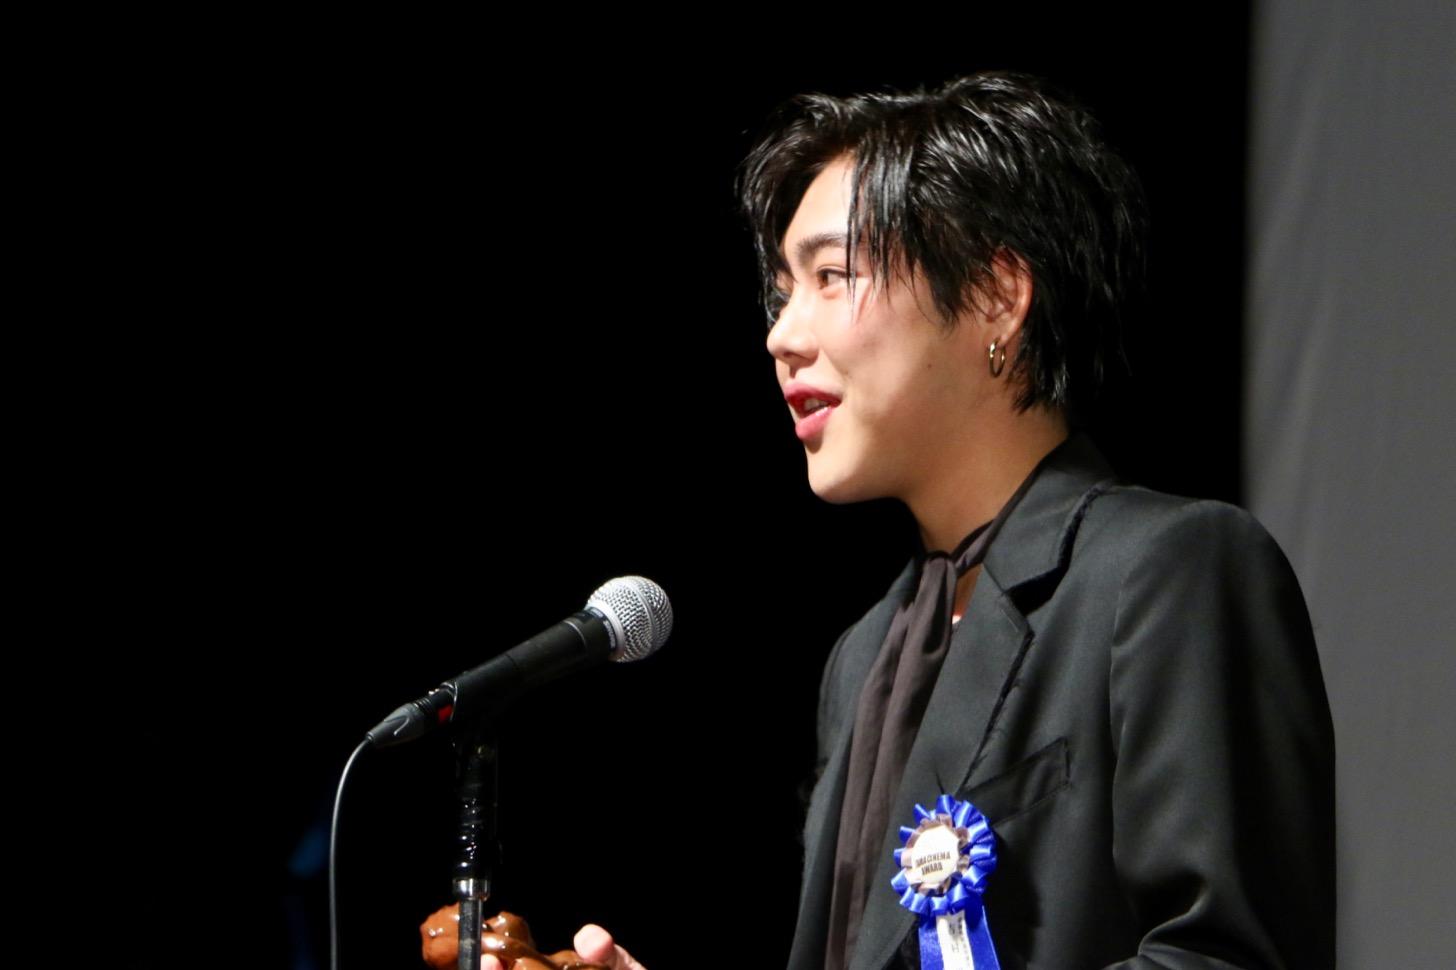 最優秀新進男優賞 吉村界人